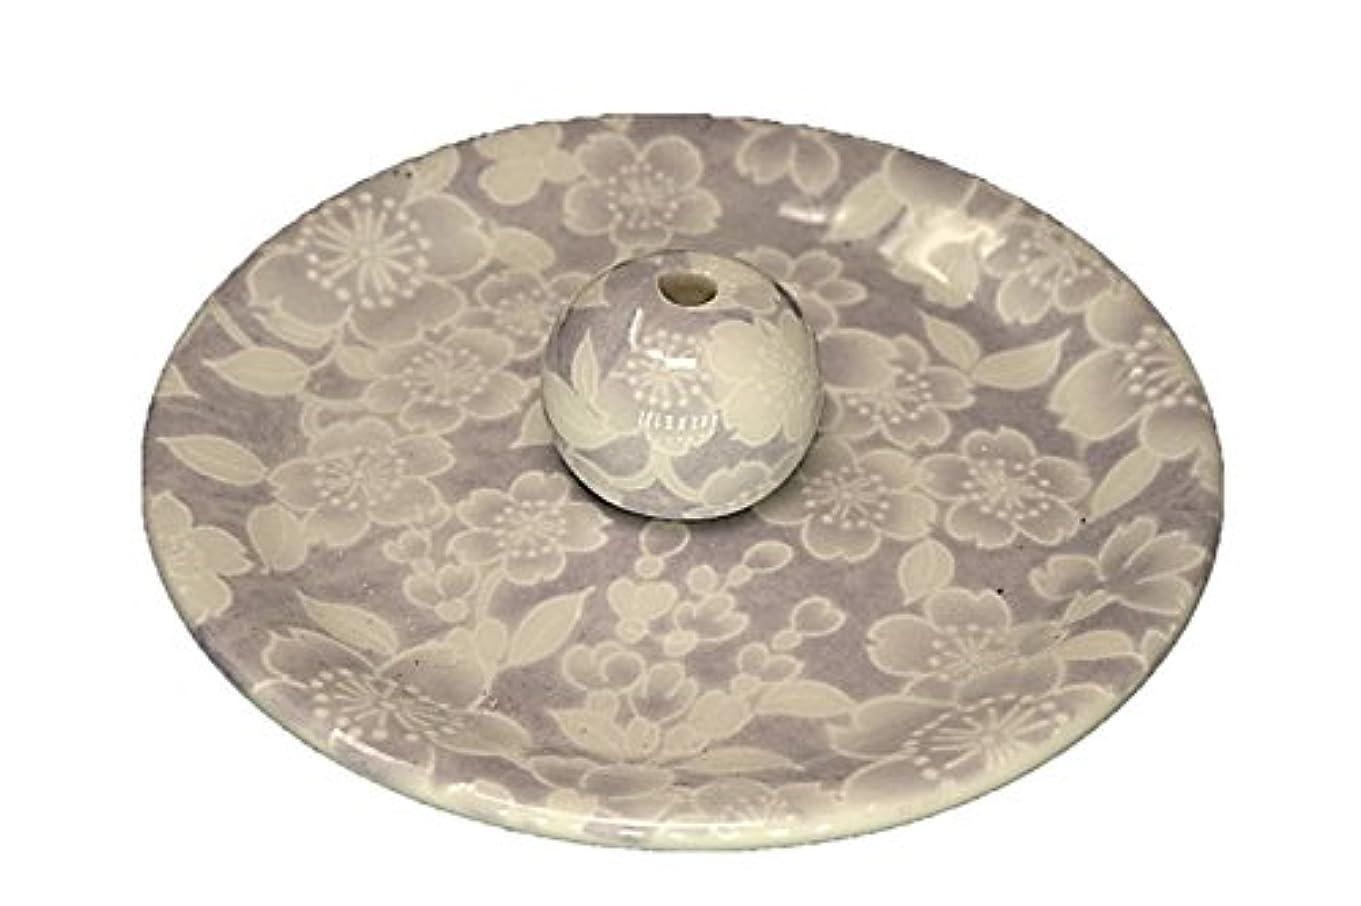 カストディアンマーカー世界の窓9-54 桜友禅 紫 お香立て 9cm香皿 お香たて 陶器 日本製 製造 直売